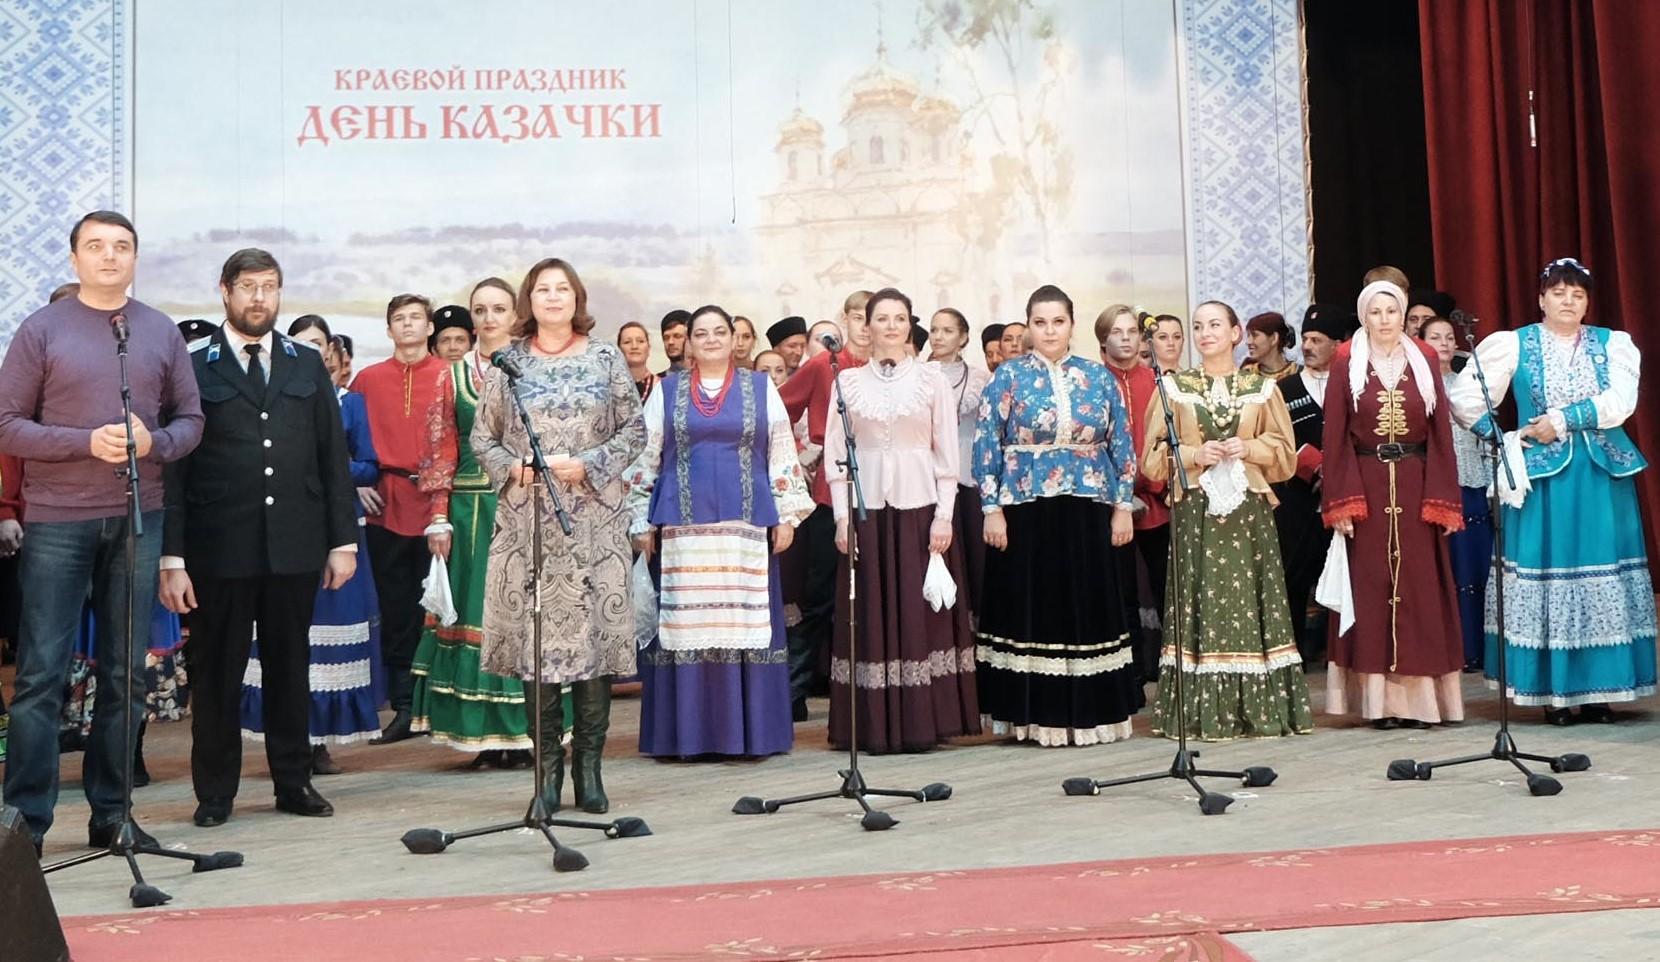 Традиционный праздник «День казачки» прошел на Ставрополье